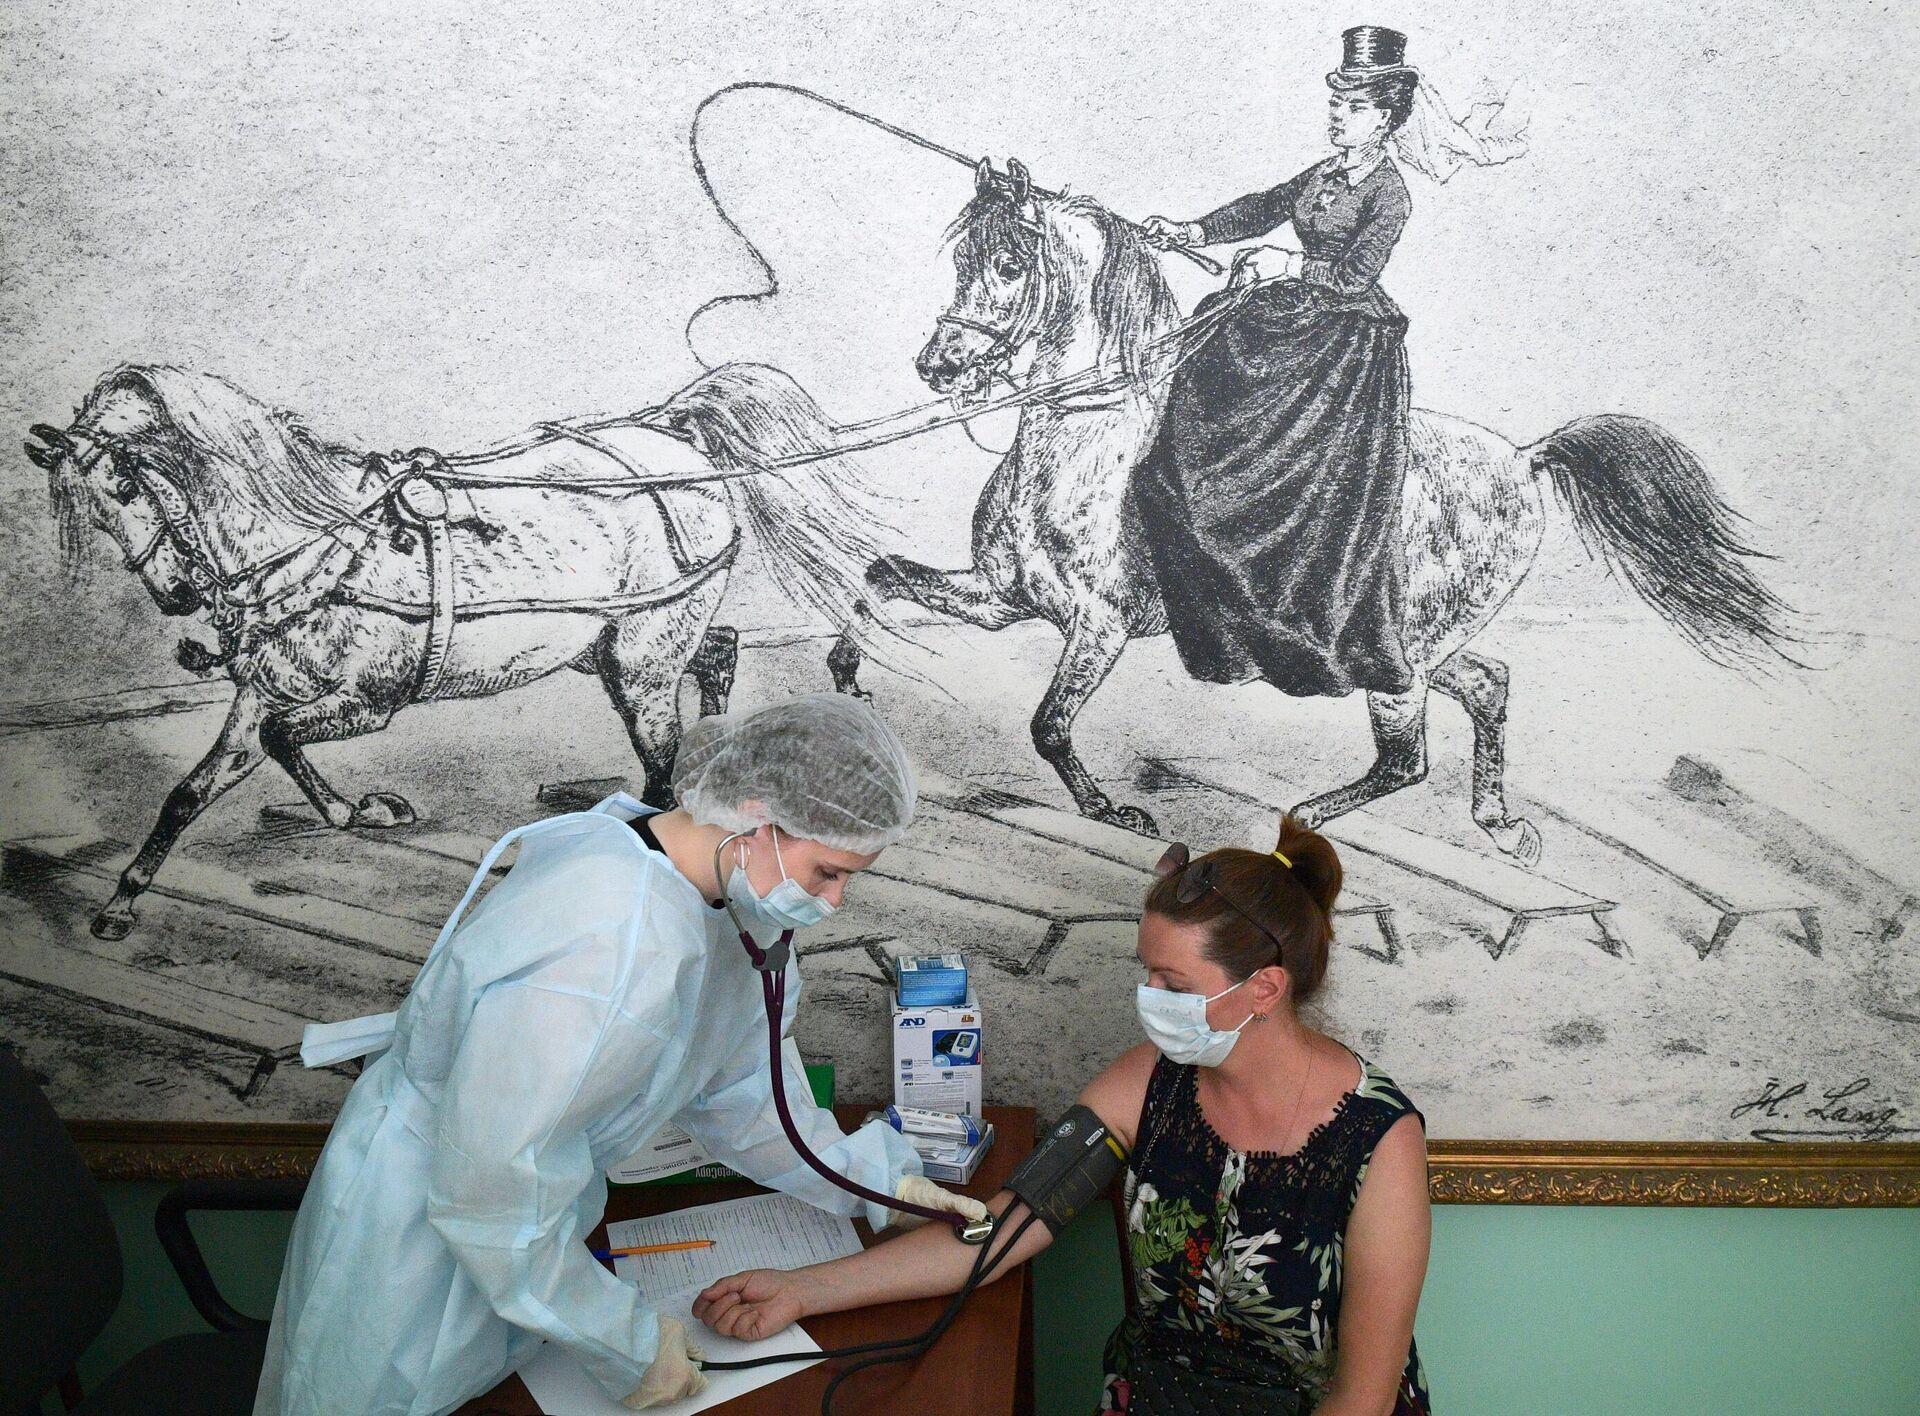 Медицинский сотрудник измеряет давление женщине перед вакцинацией от COVID-19 в Санкт-Петербурге - РИА Новости, 1920, 16.07.2021